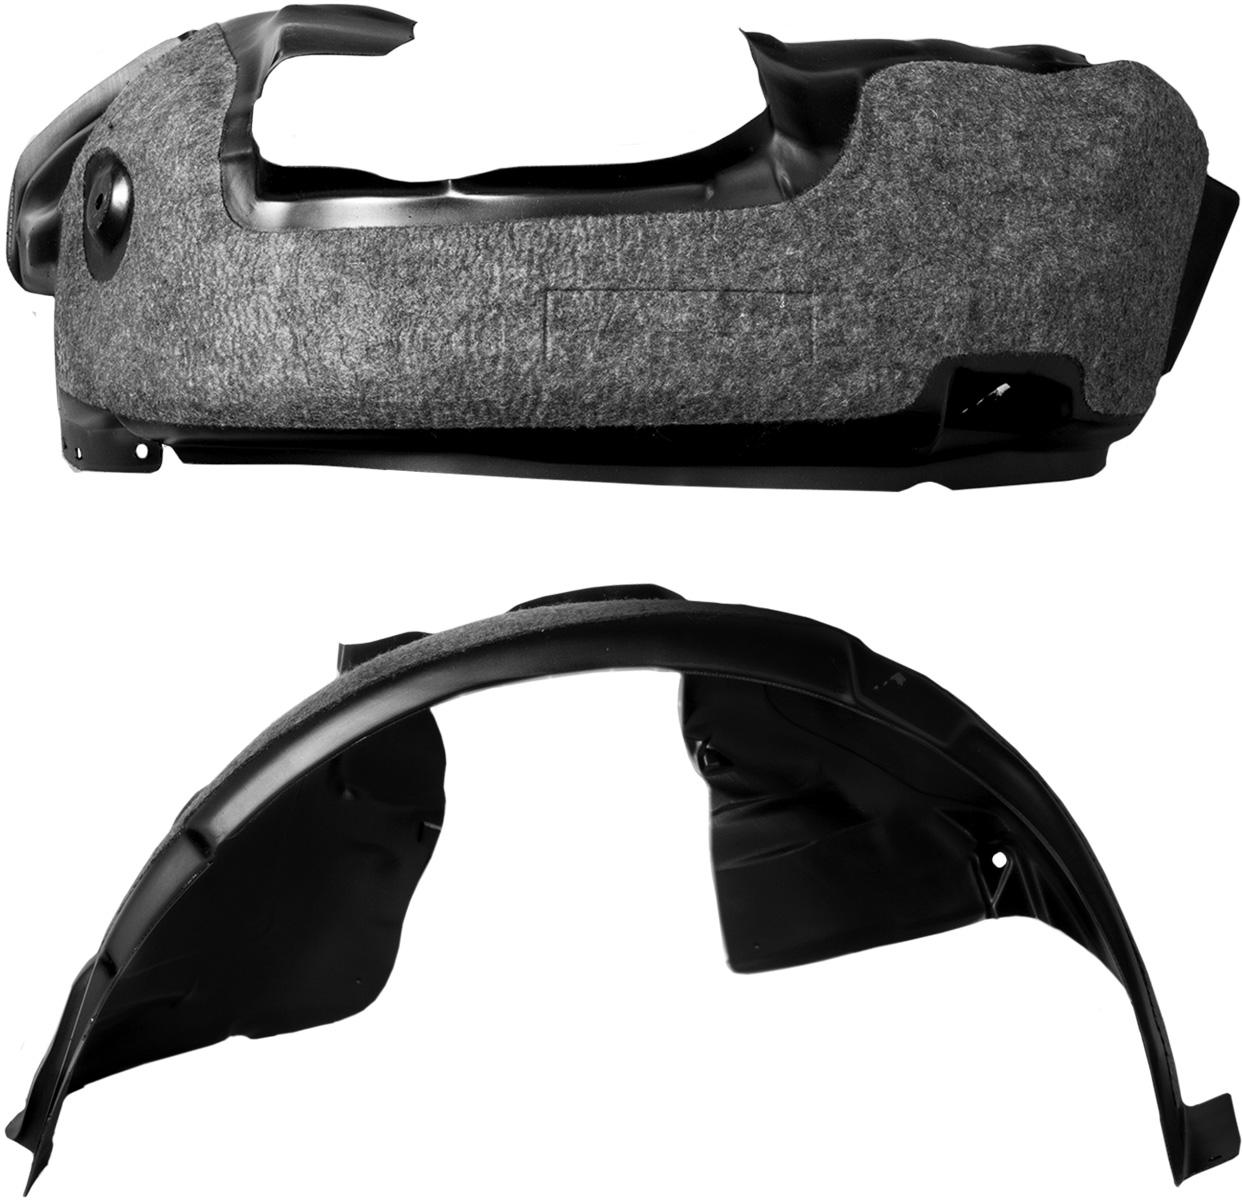 Подкрылок с шумоизоляцией Novline-Autofamily, для Peugeot Boxer, 08/2014 ->, без/с расширителями арок (задний левый)5104Подкрылок с шумоизоляцией - революционный продукт, совмещающий в себе все достоинства обычного подкрылка, и в то же время являющийся одним из наиболее эффективных средств борьбы с внешним шумом в салоне автомобиля. Подкрылки бренда Novline-Autofamily разрабатываются индивидуально для каждого автомобиля с использованием метода 3D-сканирования.В качестве шумоизолирующего слоя применяется легкое синтетическое нетканое полотно толщиной 10 мм, которое отталкивает влагу, сохраняет свои шумоизоляционные свойства на протяжении всего периода эксплуатации.Подкрылки с шумоизоляцией не имеют эксплуатационных ограничений и устанавливаются один раз на весь срок службы автомобиля.Подкрылки с шумоизоляцией не имеют аналогов и являются российским изобретением, получившим признание во всём мире. Уважаемые клиенты! Обращаем ваше внимание, фото может не полностью соответствовать оригиналу.